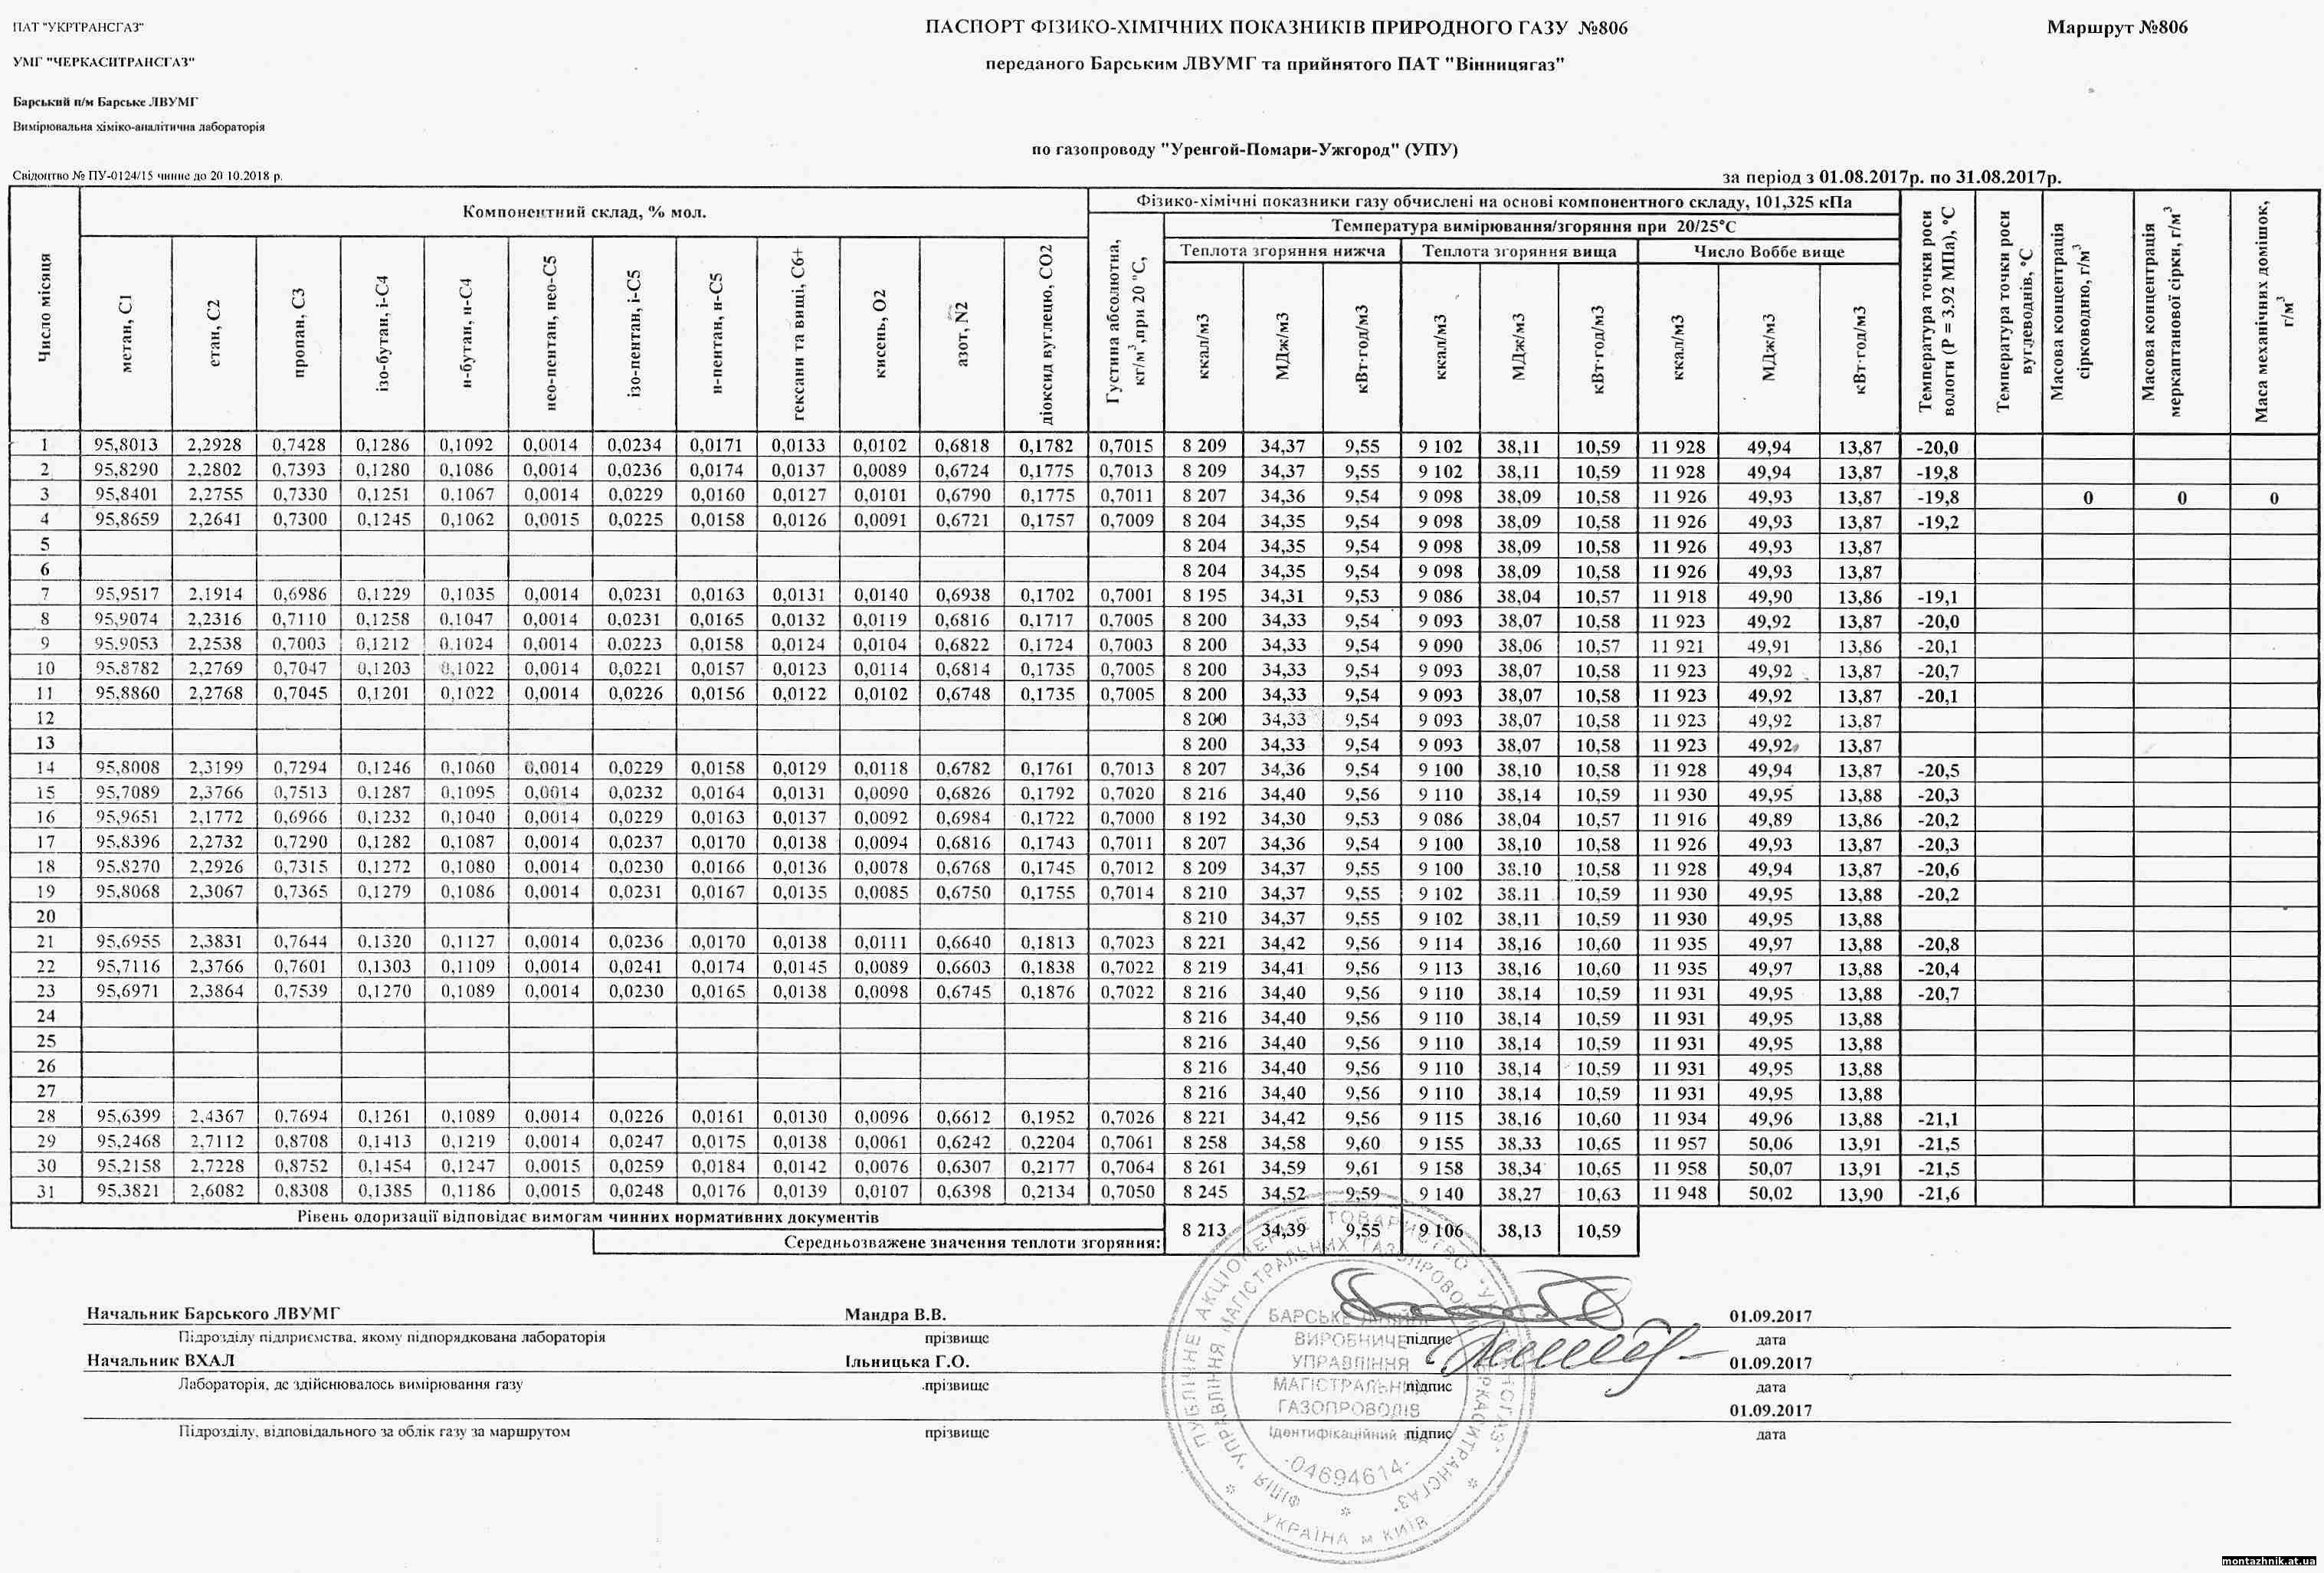 Паспорт фізико-хімічних показників природного газу за серпень 2017 р. по ДП Монтажник